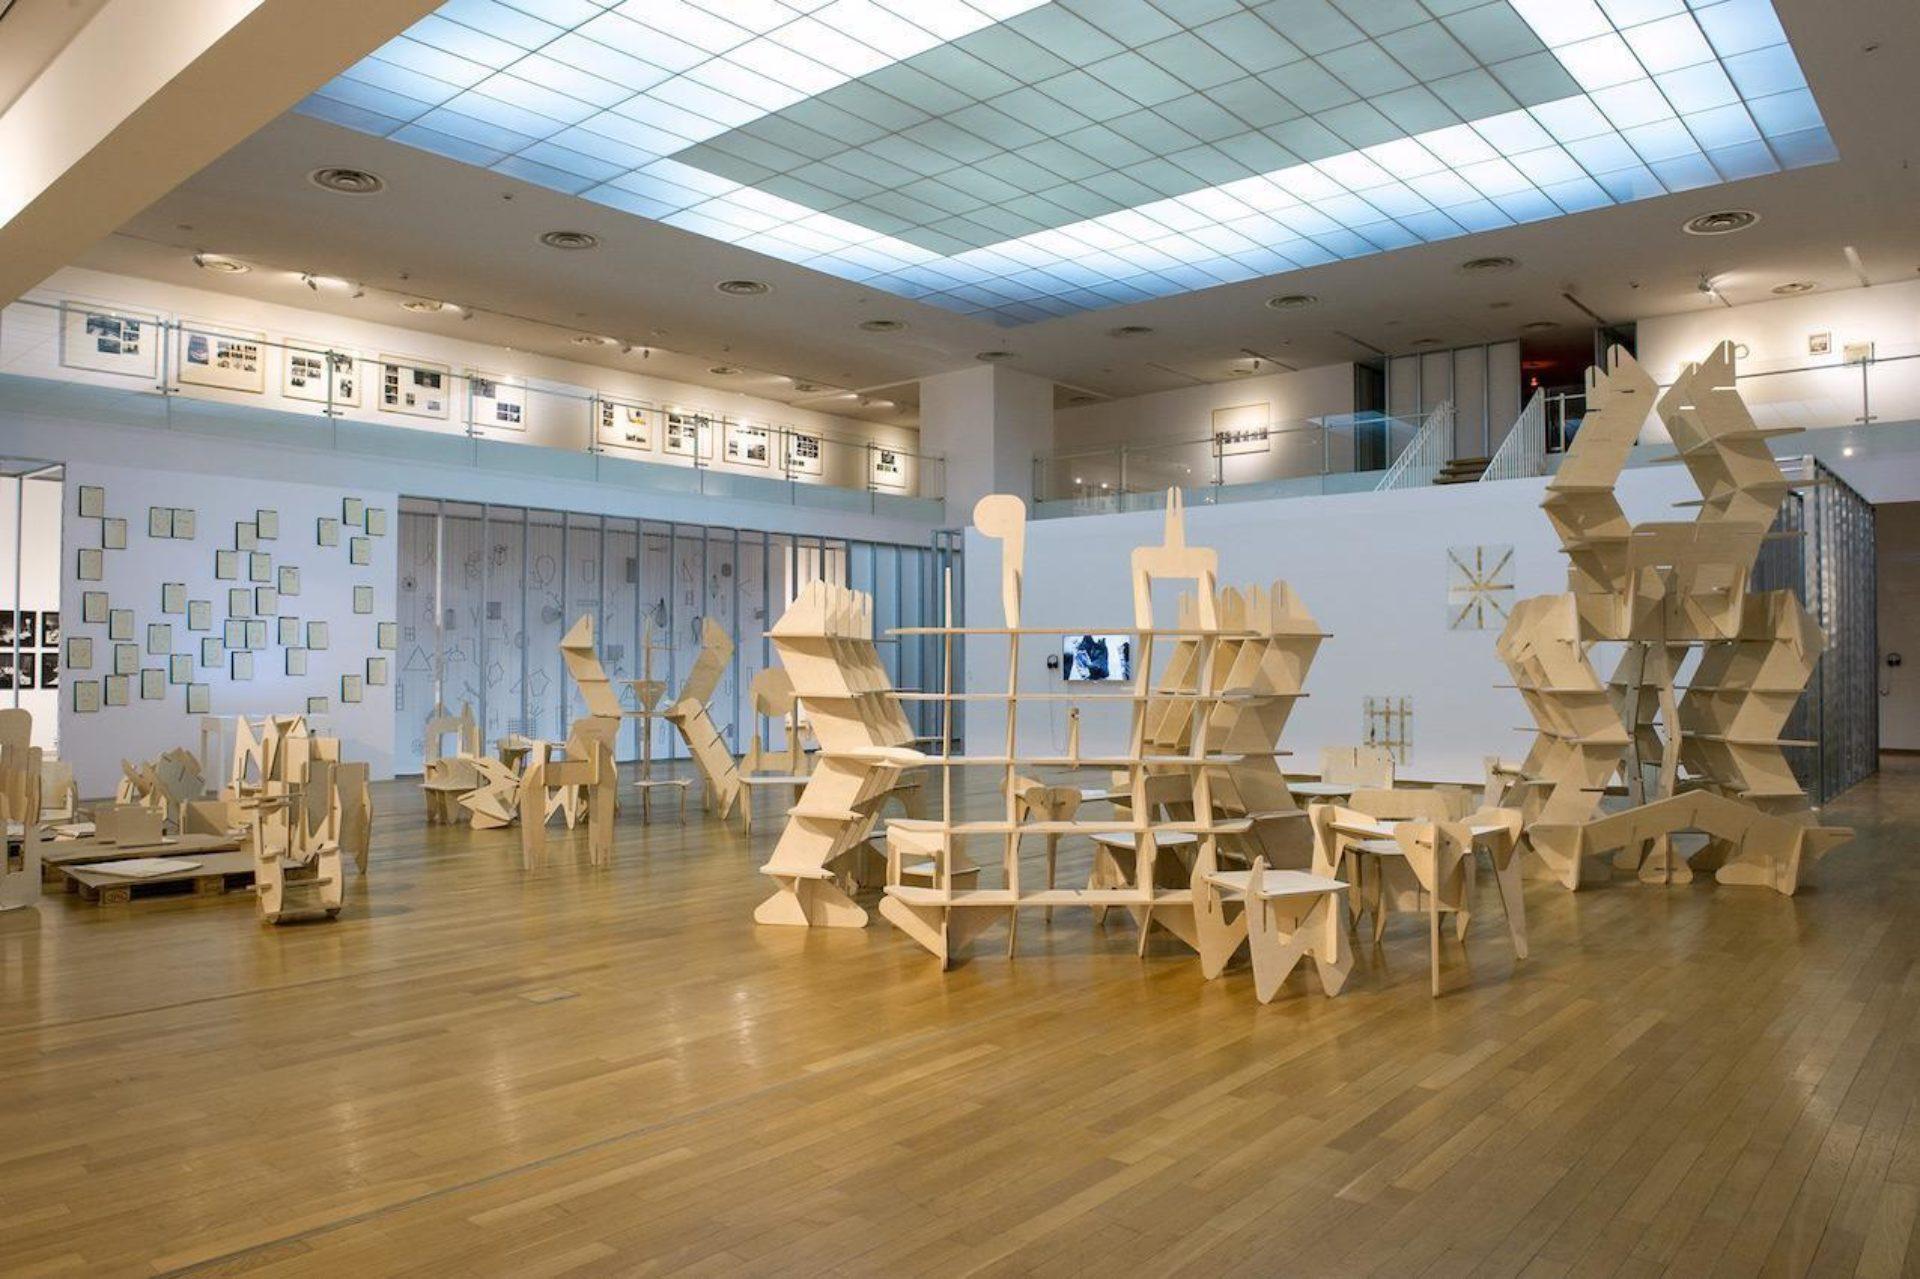 Tobias Putrih, Mudam Studio, 2006